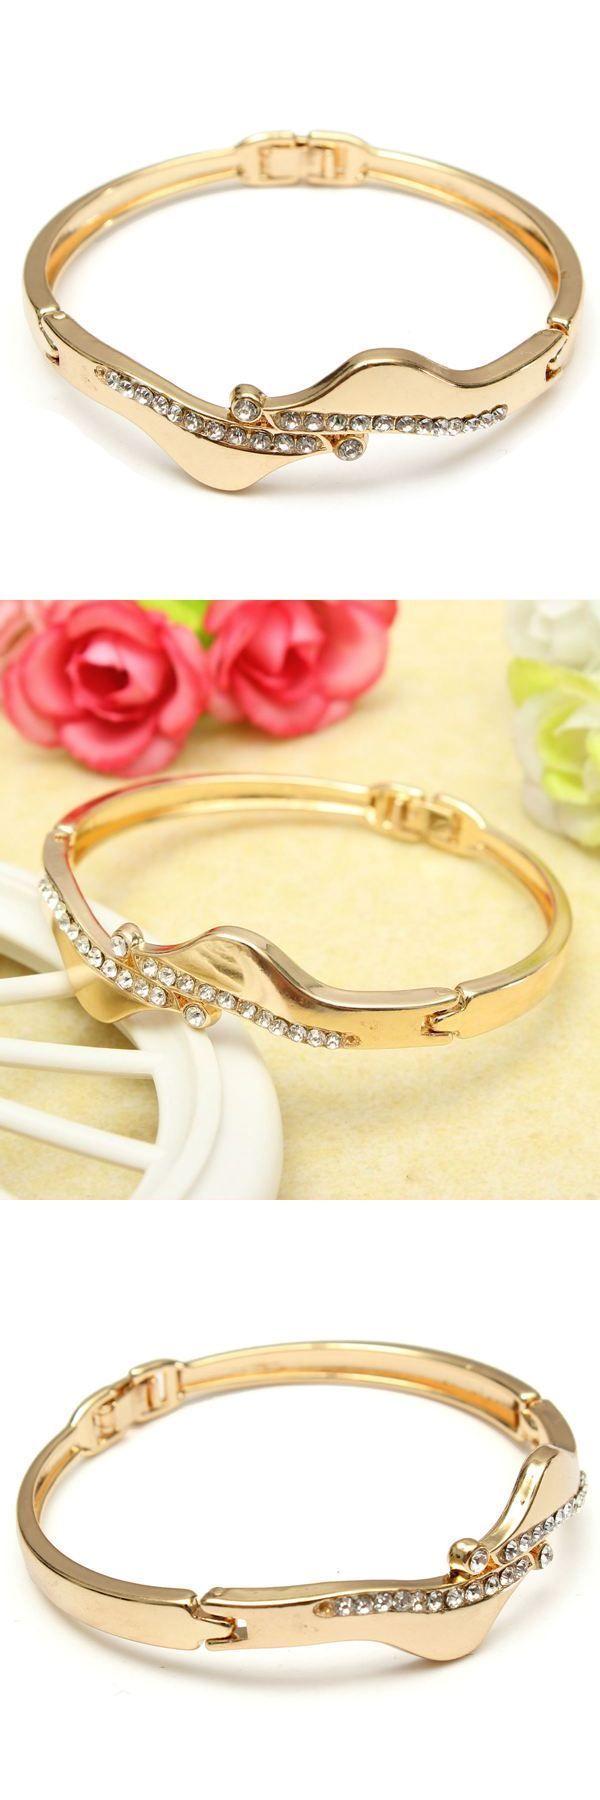 3 sisters bracelets gold plated filled crystal link bracelet bangle women jewelry #8.5 #bracelets #cynthia #h #bracelets #ddamas #bracelets #maroon #5 #bracelets